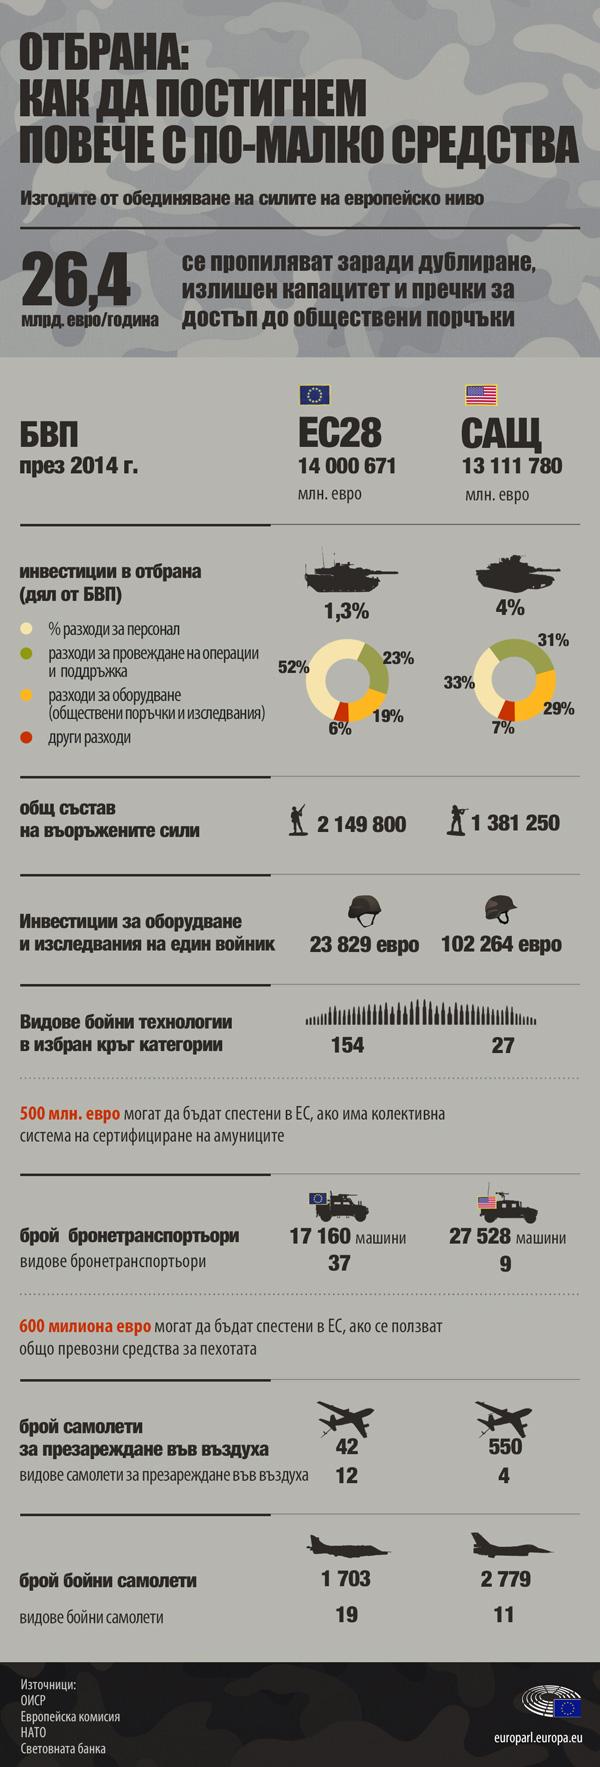 Инфографика: Разходи за отбрана